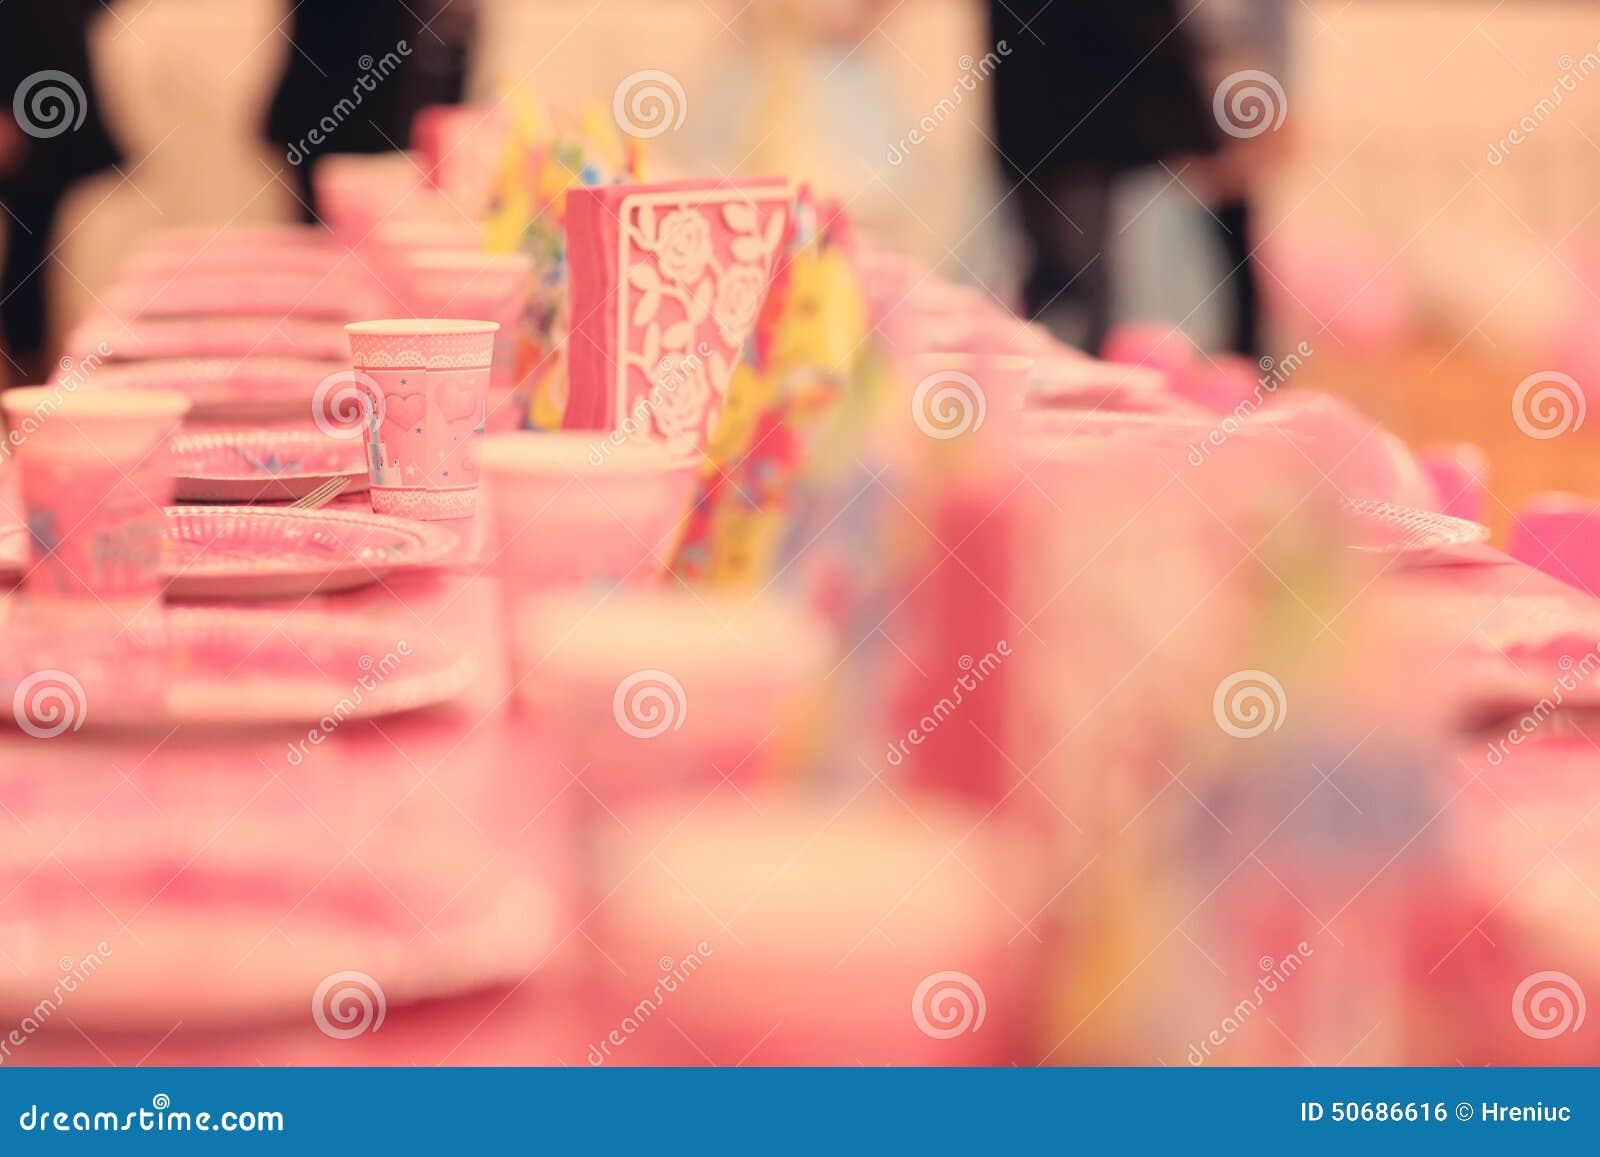 Download 生日聚会桌 库存照片. 图片 包括有 粉红色, 当事人, 的协助, 牛奶店, 孩子, 杯子, 庆祝, 女孩 - 50686616